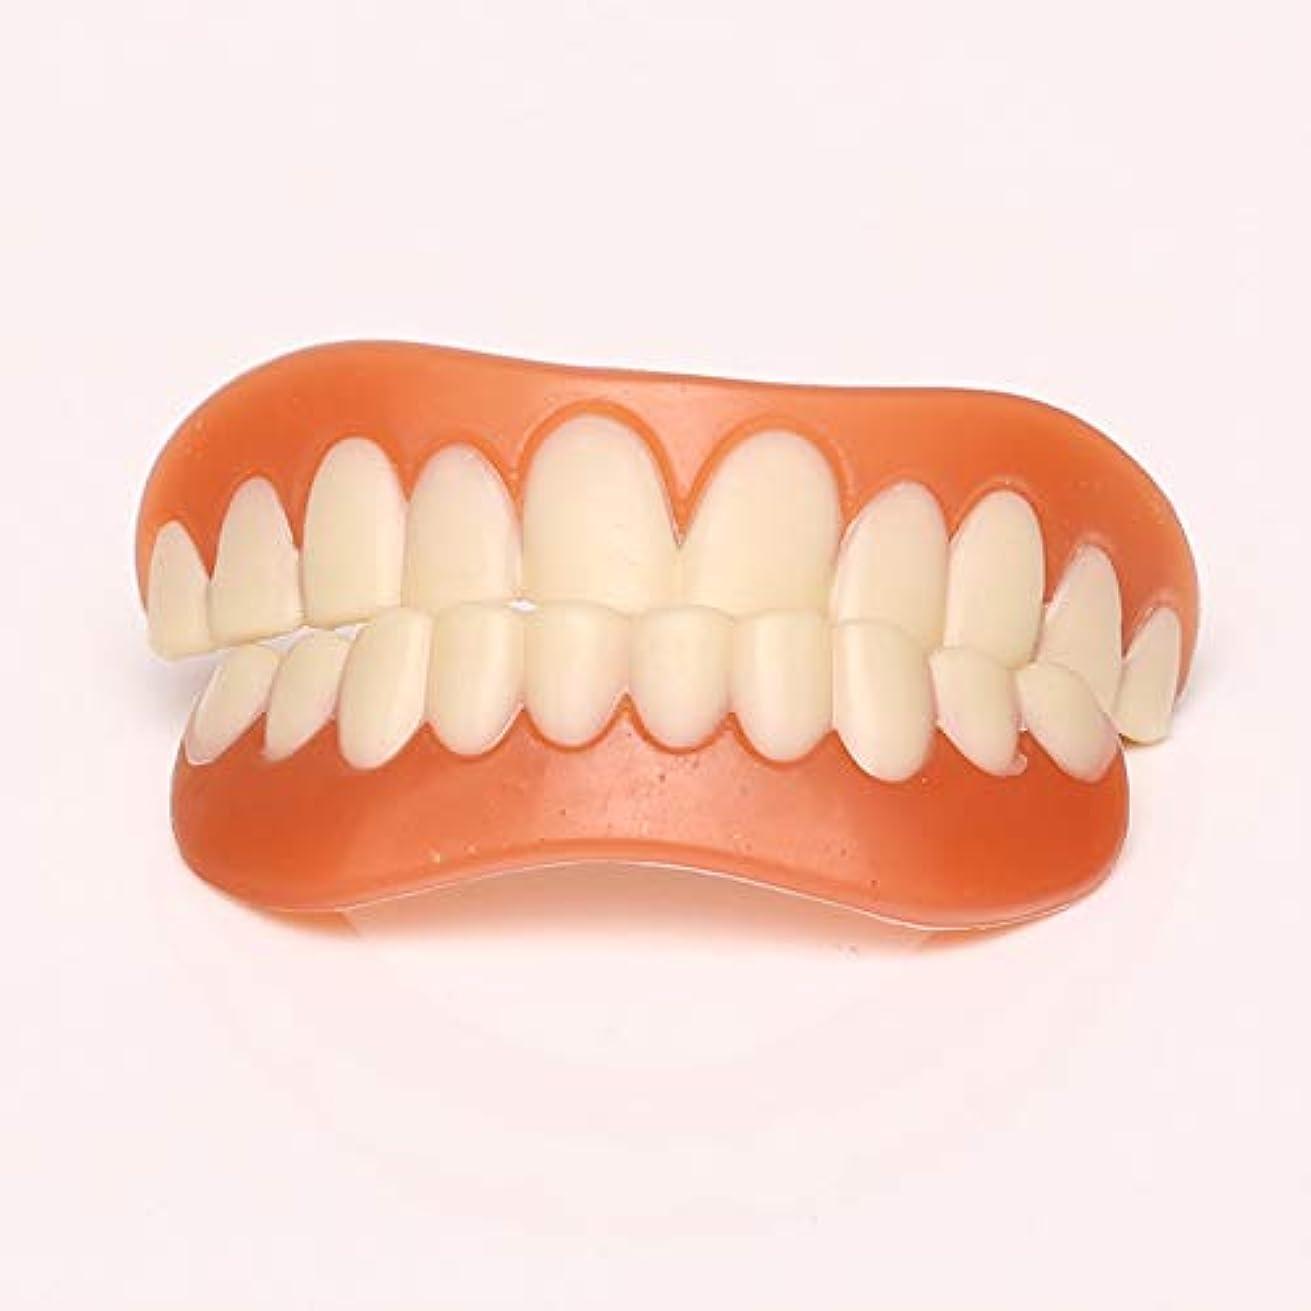 計算する検査官恐れ化粧品の歯、白い歯をきれいにするための快適なフィットフレックス歯ソケット、化粧品の歯義歯の歯のトップ化粧品、5セット